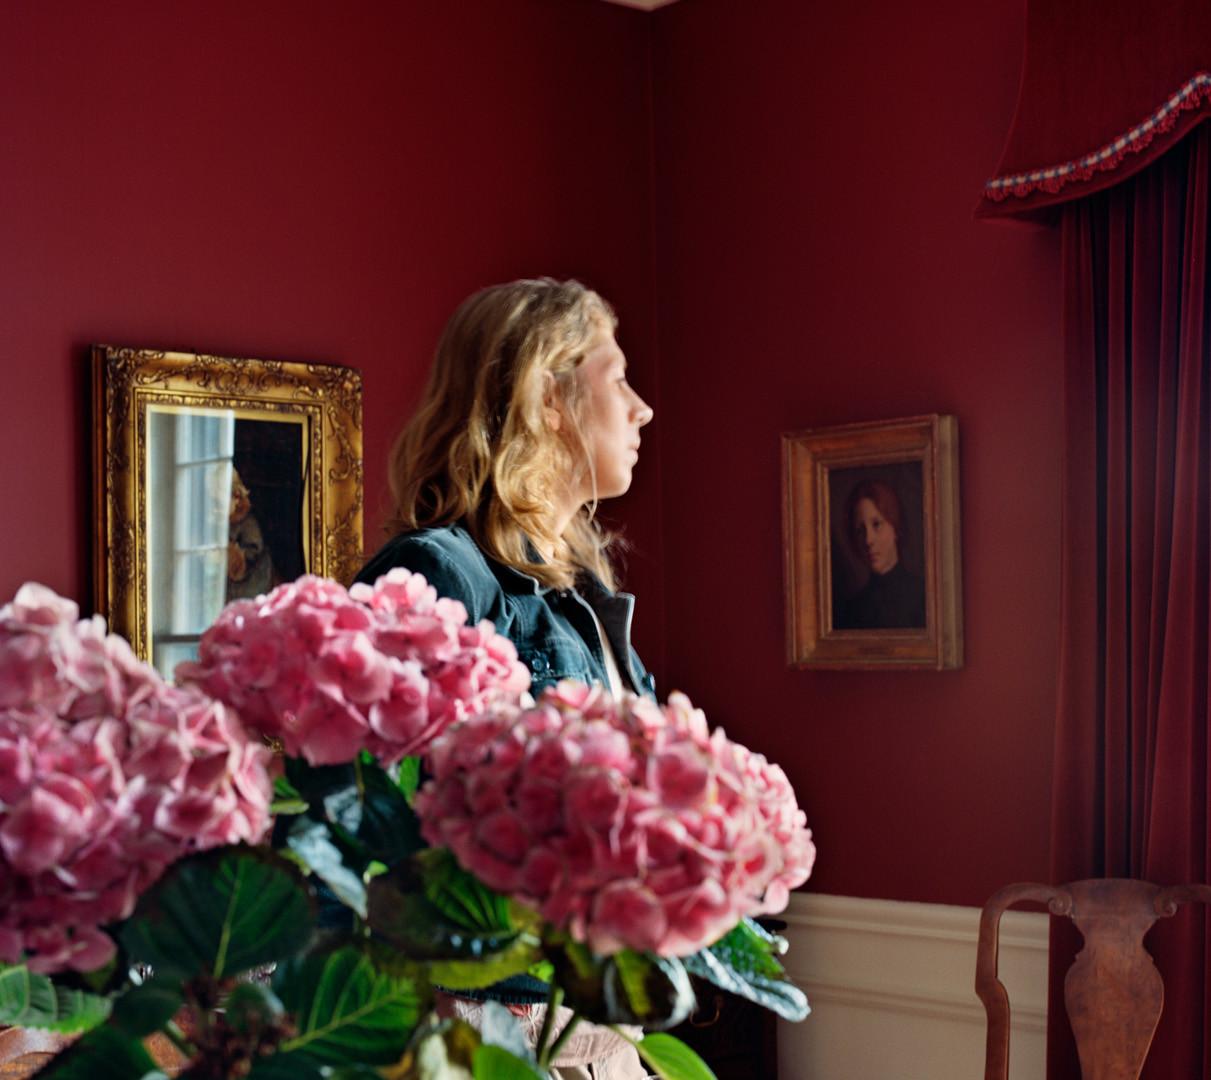 Jocelyn Lee, Untitled (Lauren and cut hydrangeas in dining room), 2007